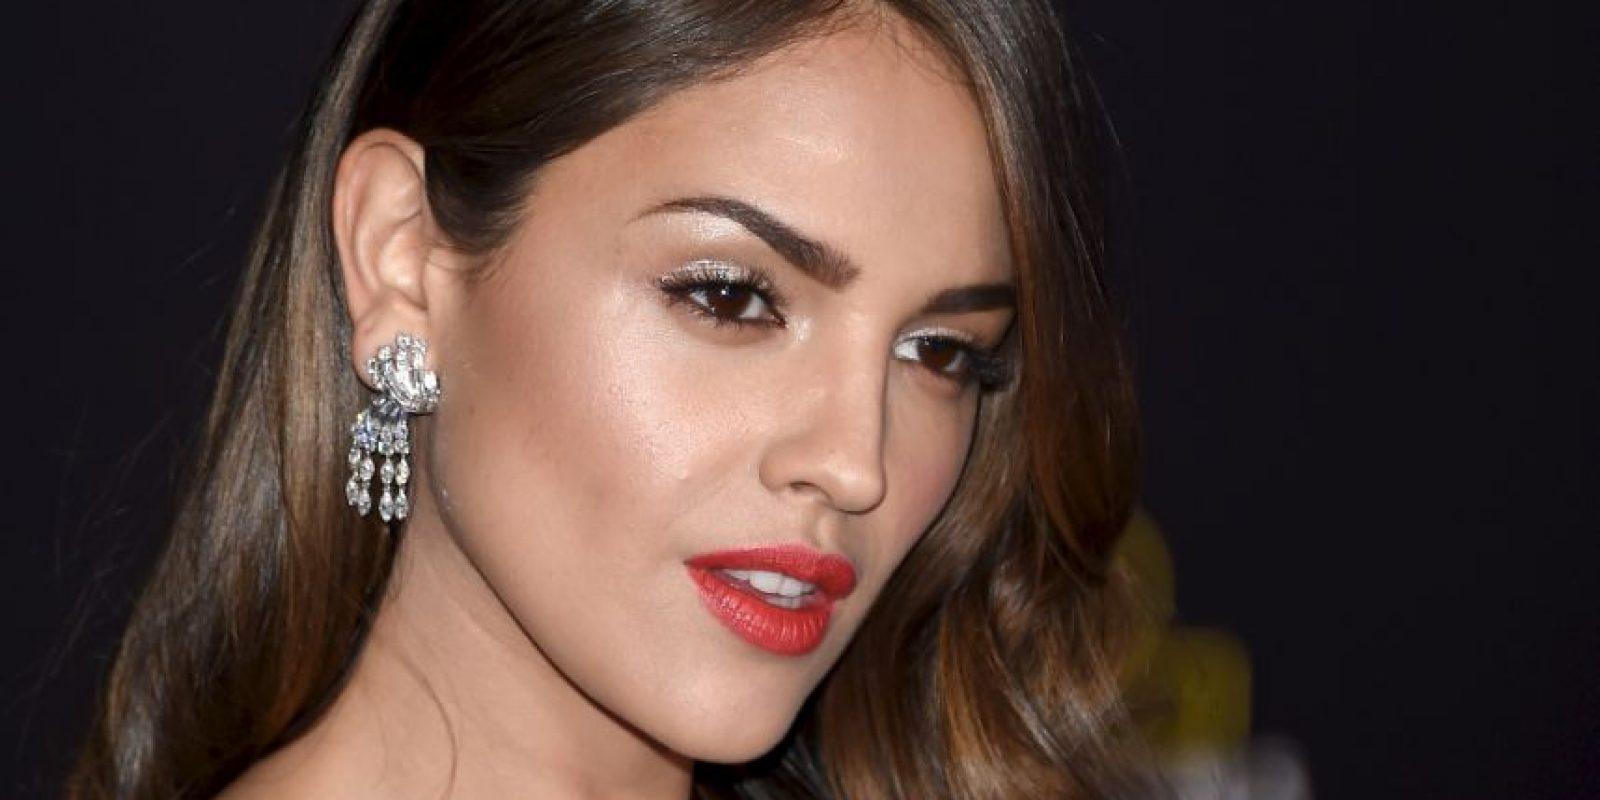 Está cansada de los rumores de un video sexual Foto:Getty Images